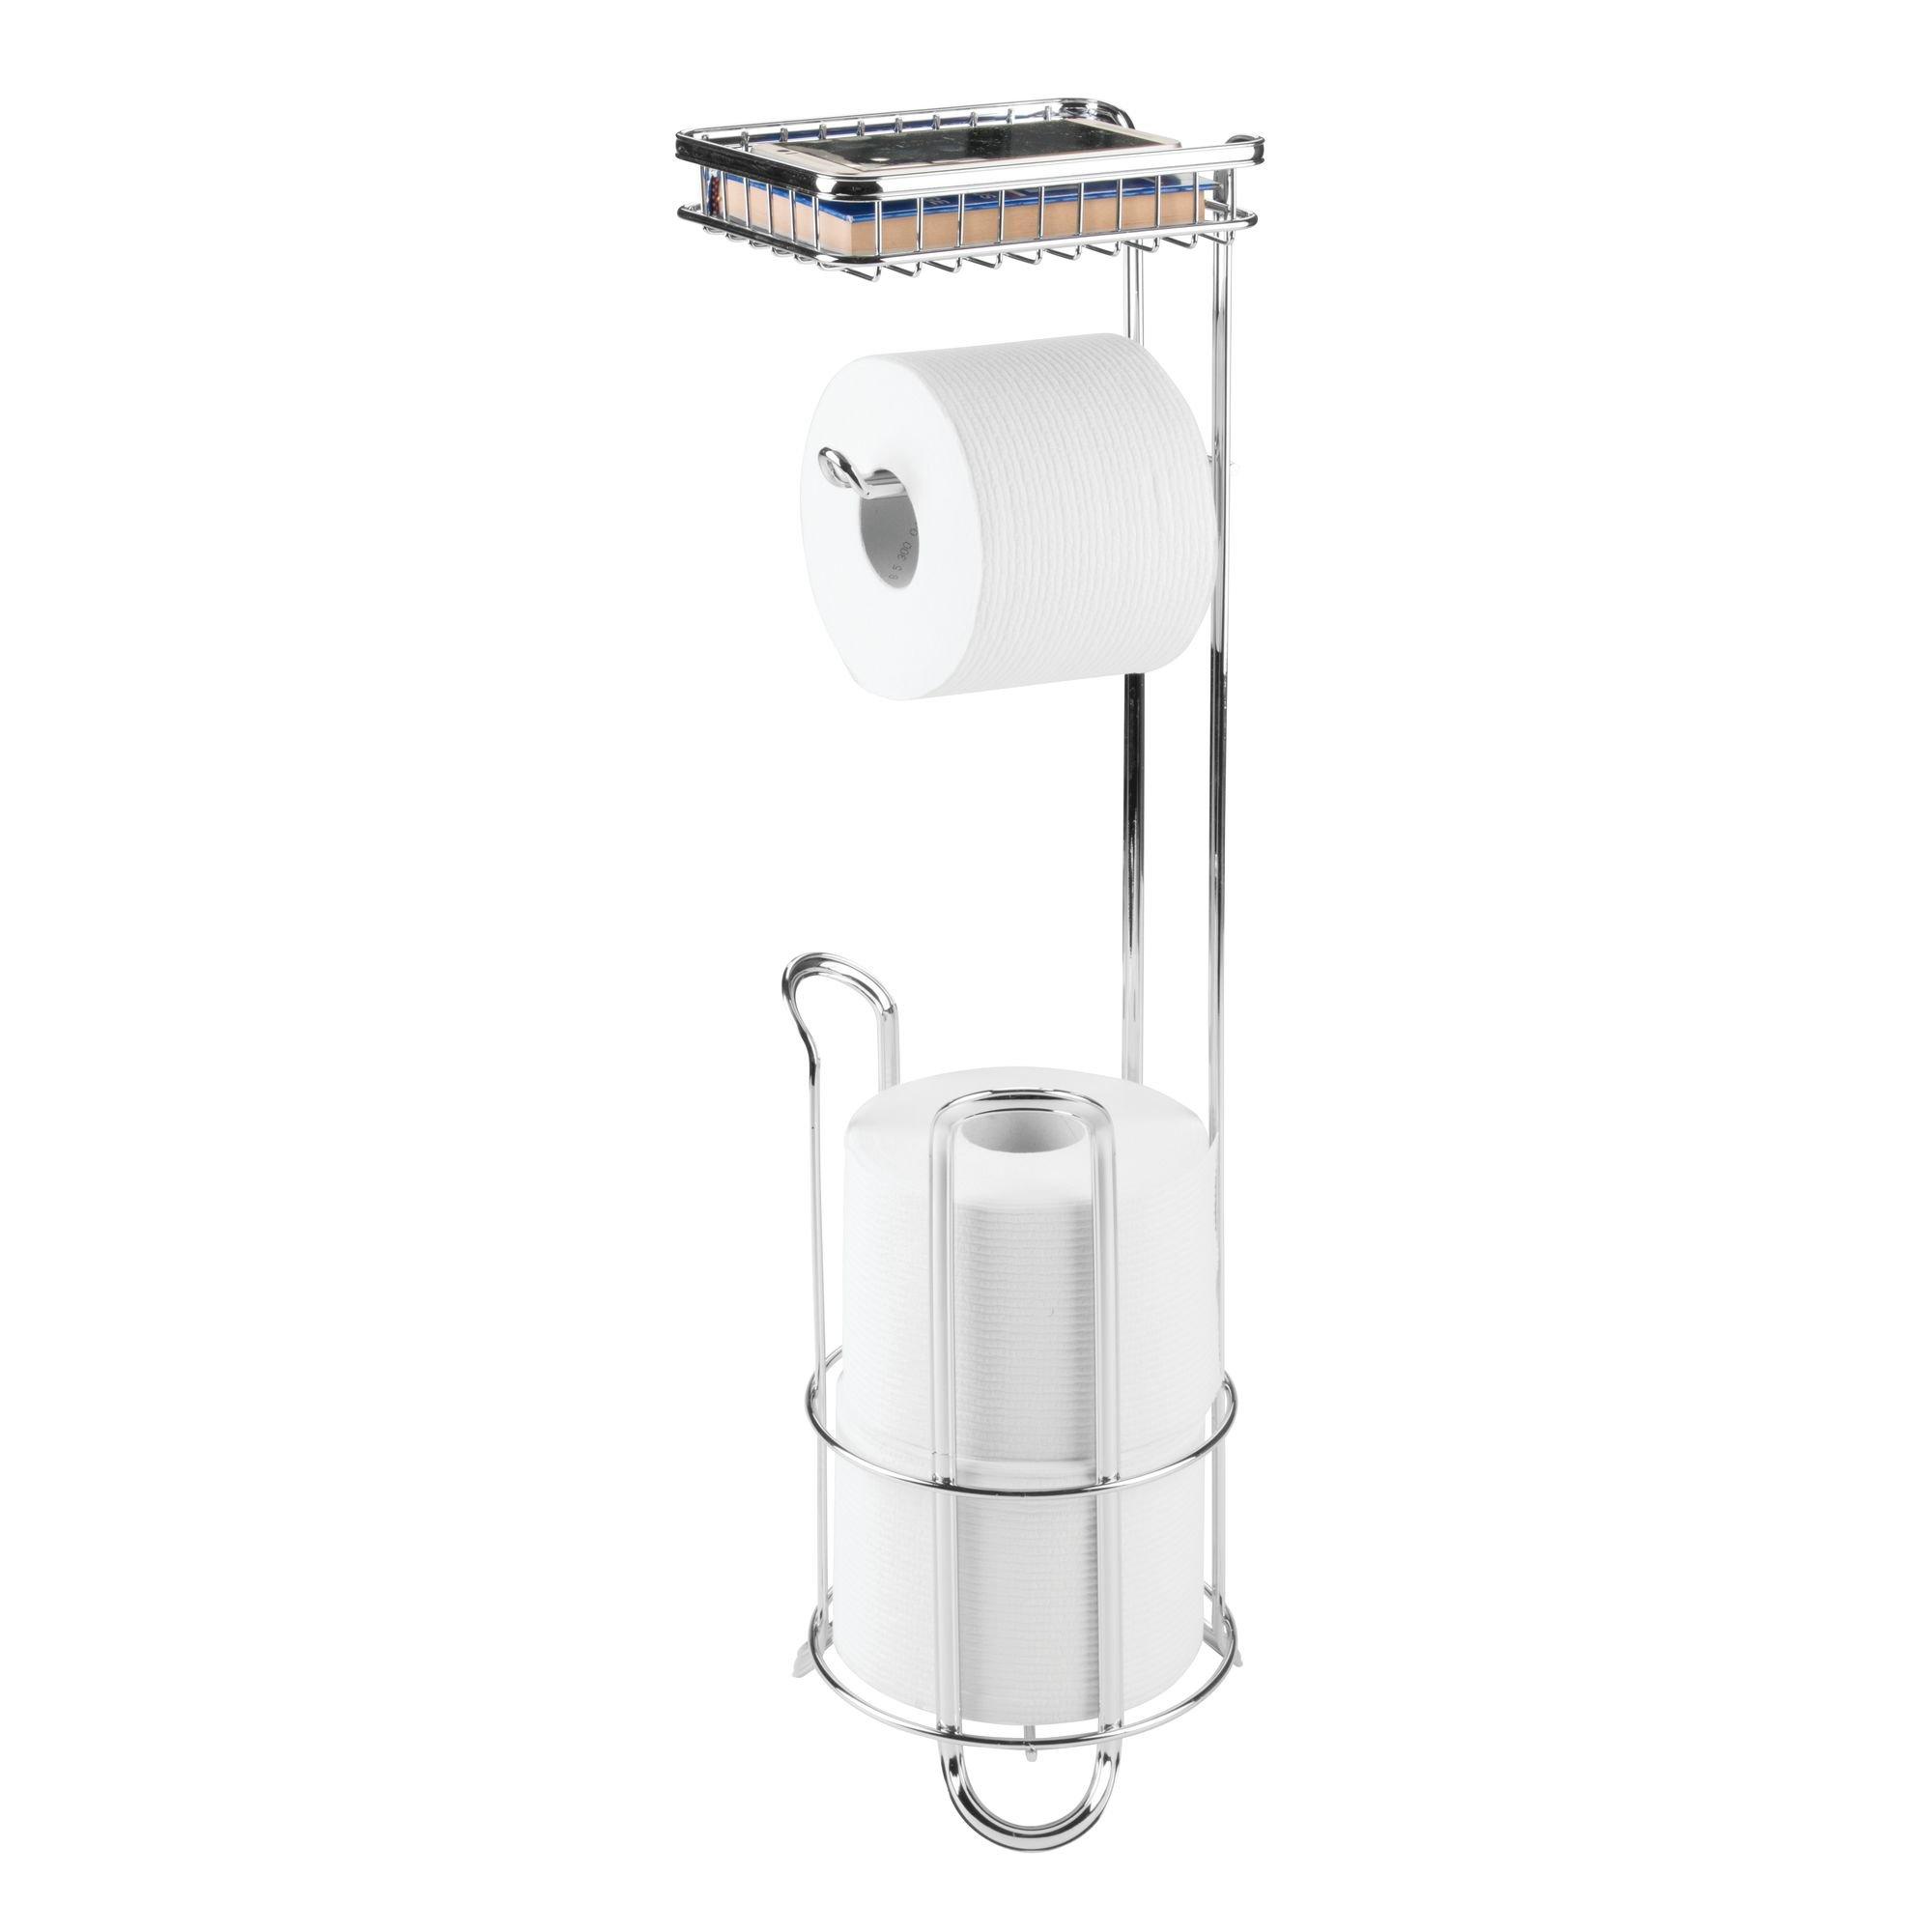 mDesign Portarrollos de pie de metal   Accesorios de baño sin taladro    Soporte para papel 76040d20c22b